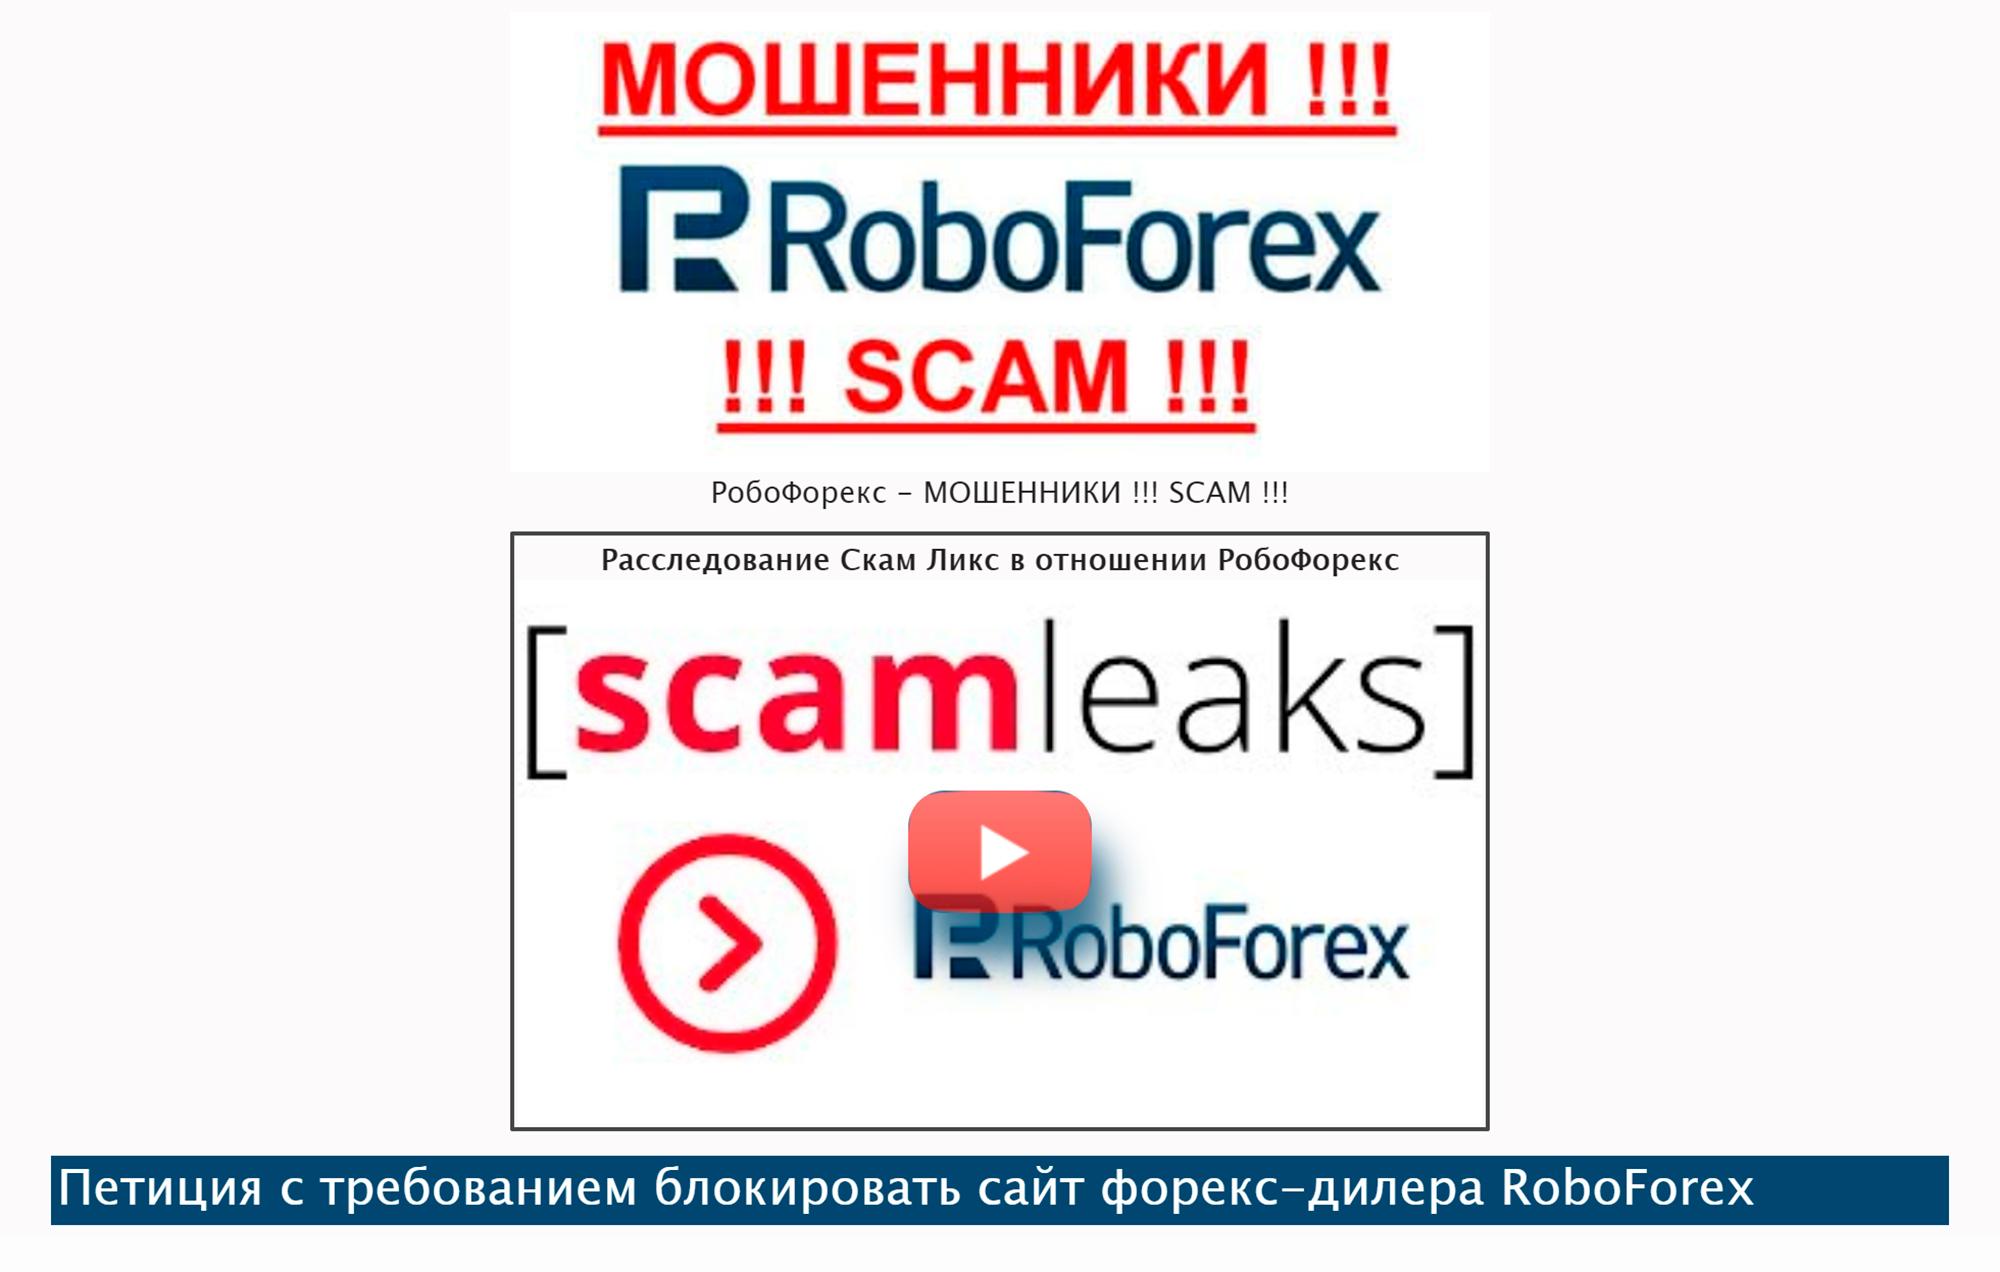 Судя по сайту roboforex-com.com, клиенты «Робофорекса» призывают подписать петицию, чтобыэтого брокера заблокировали